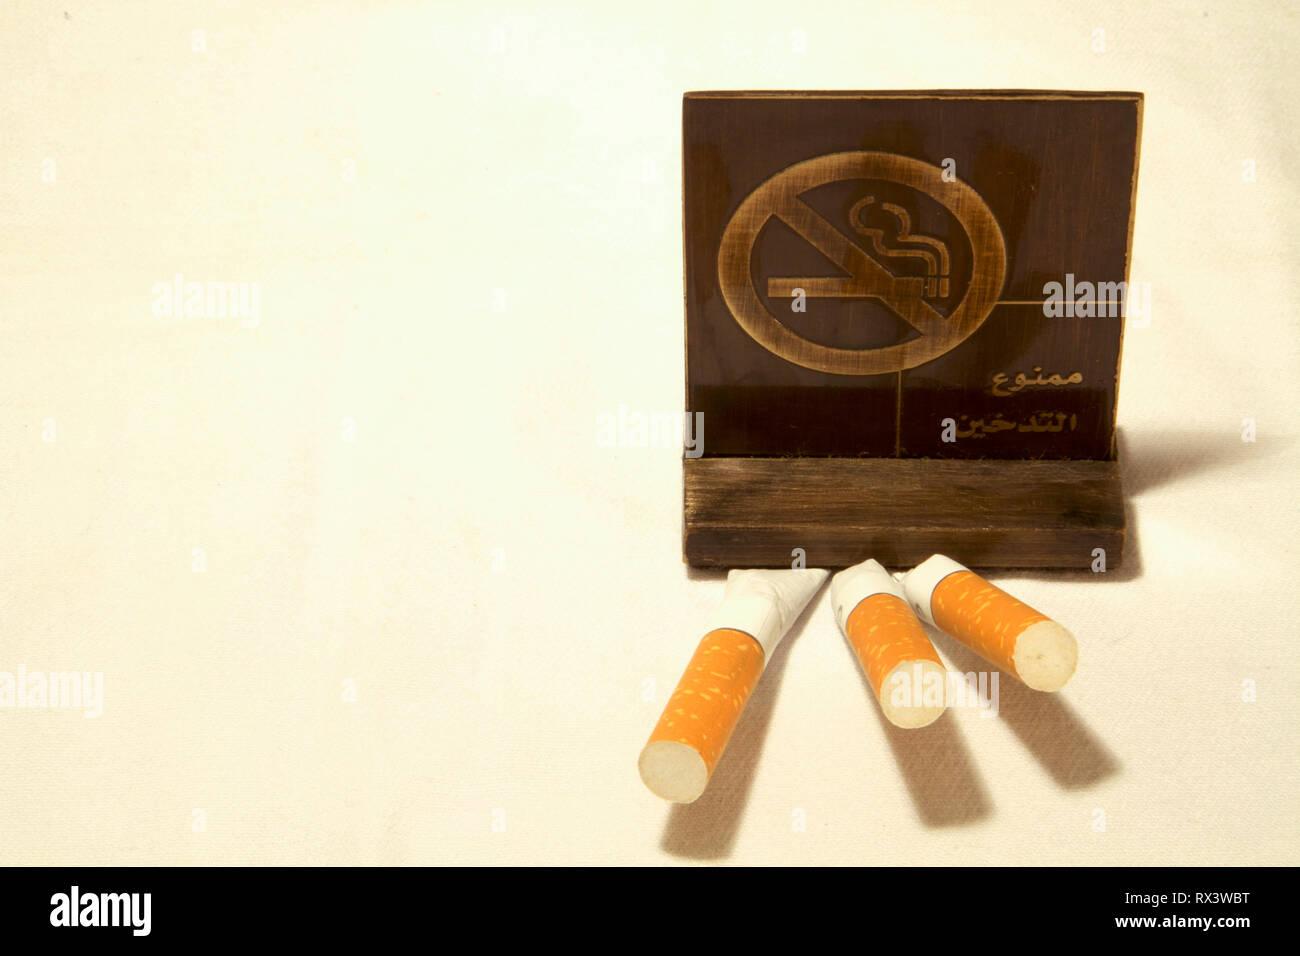 Dubai-No rauchen Metall Tag mit Zigaretten auf dem Tisch 6 Stockbild